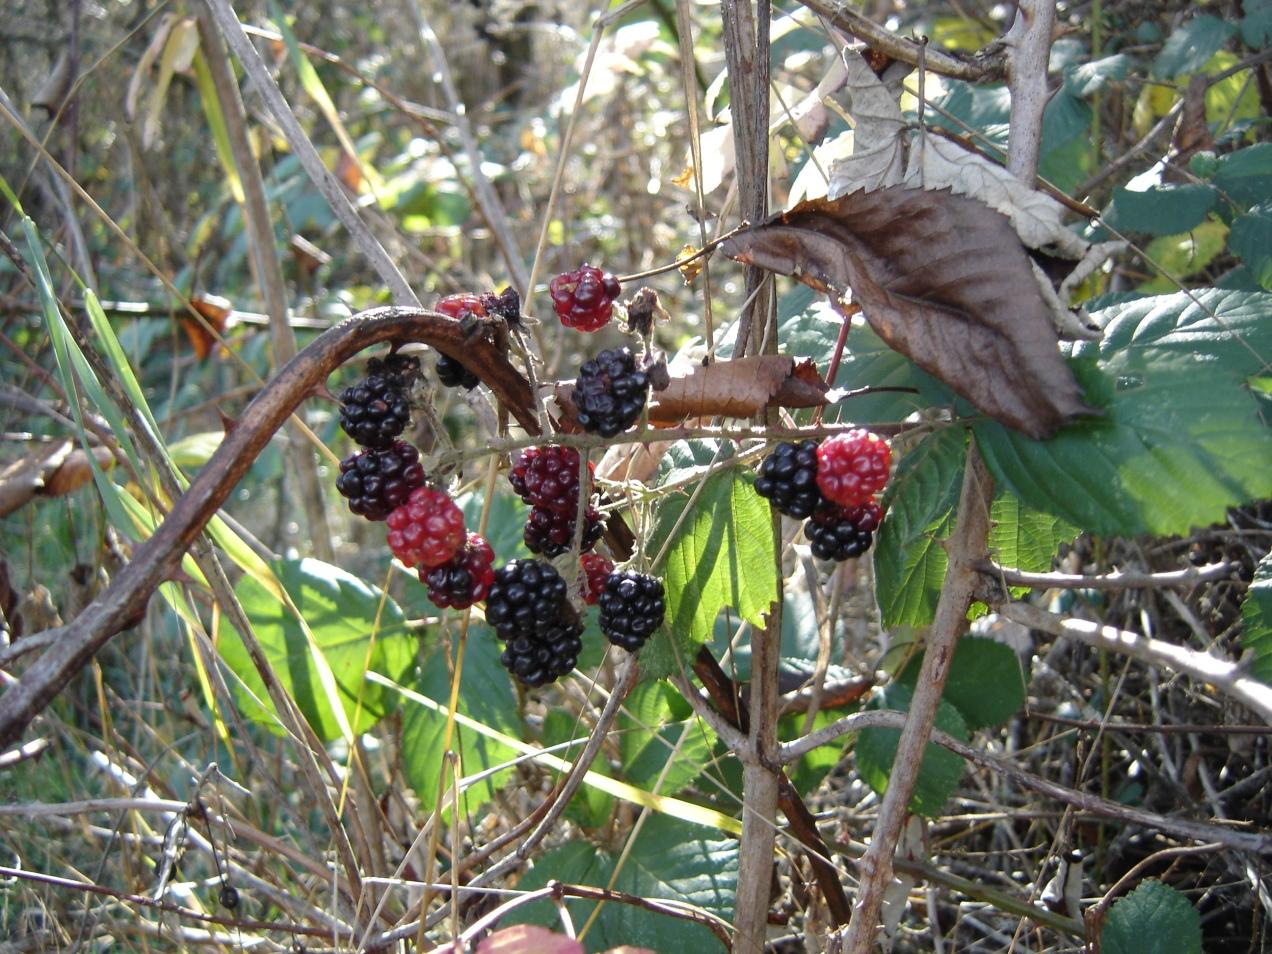 sbf-wldblackberries-11222016